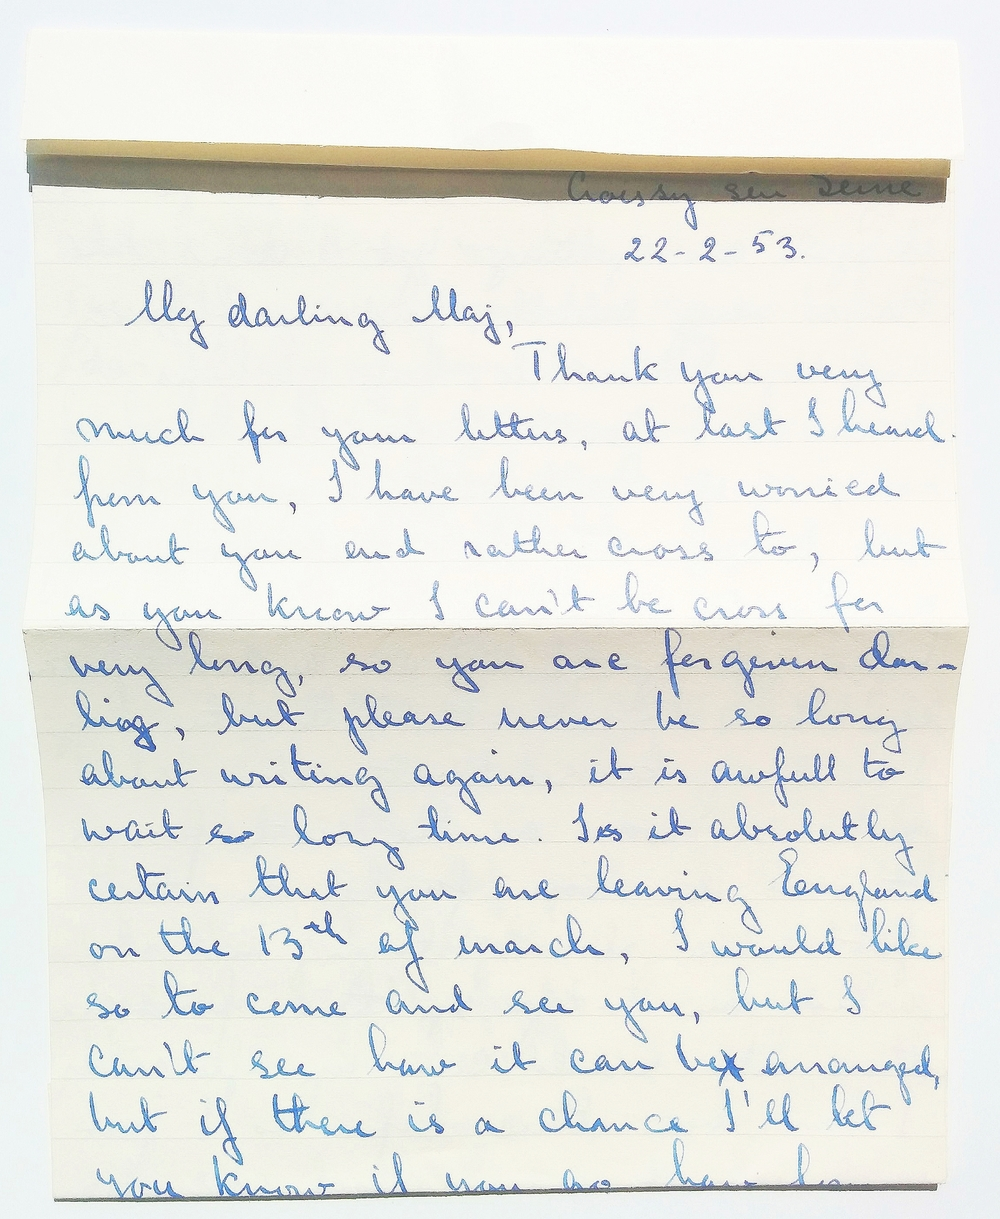 February 22nd, 1953